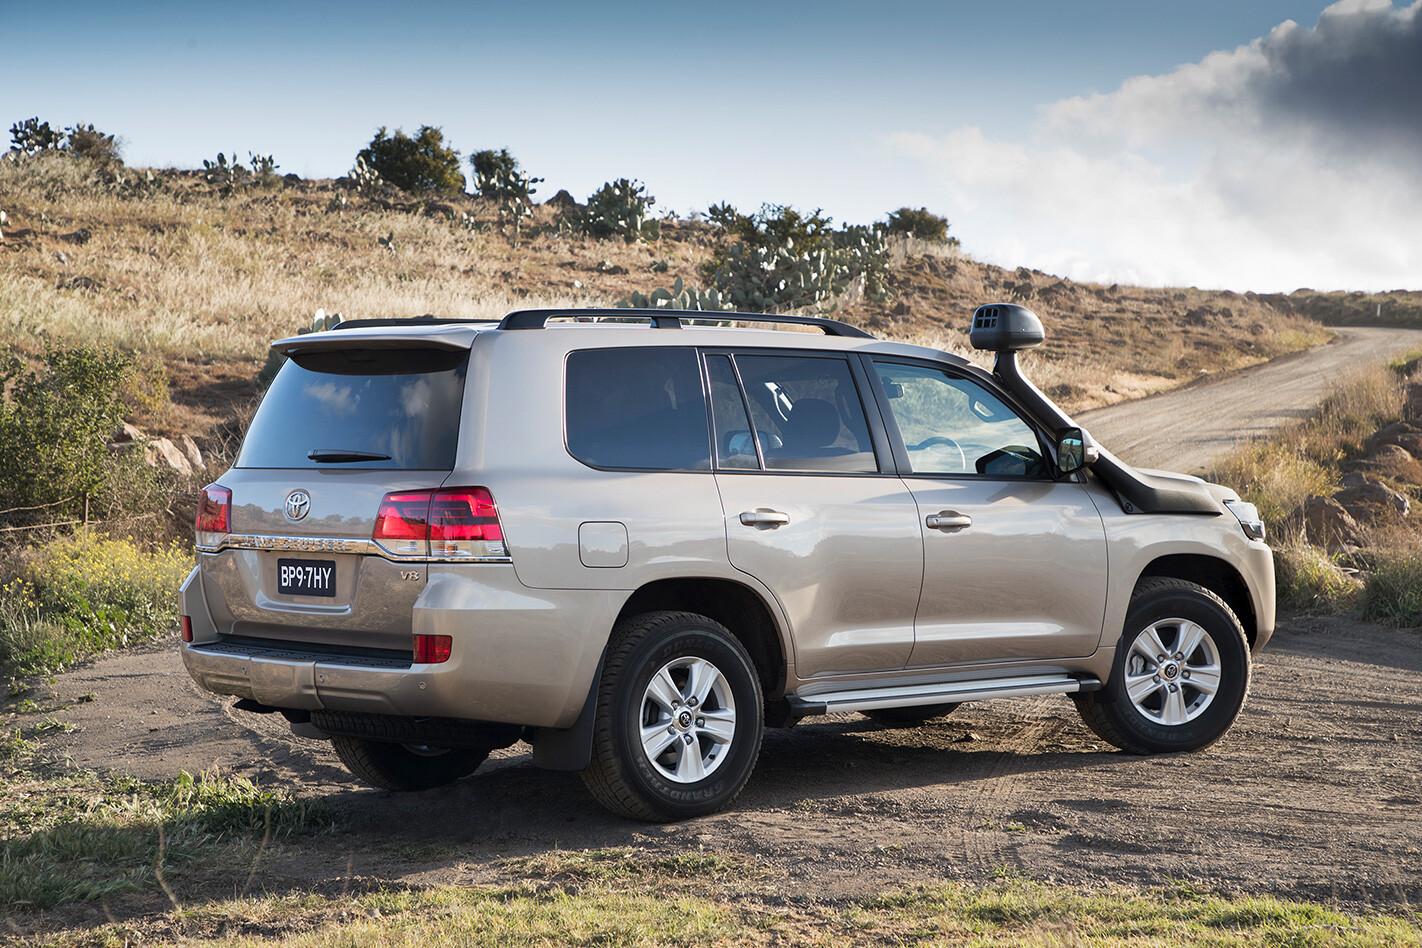 Toyota Landcruiser Rear Jpg